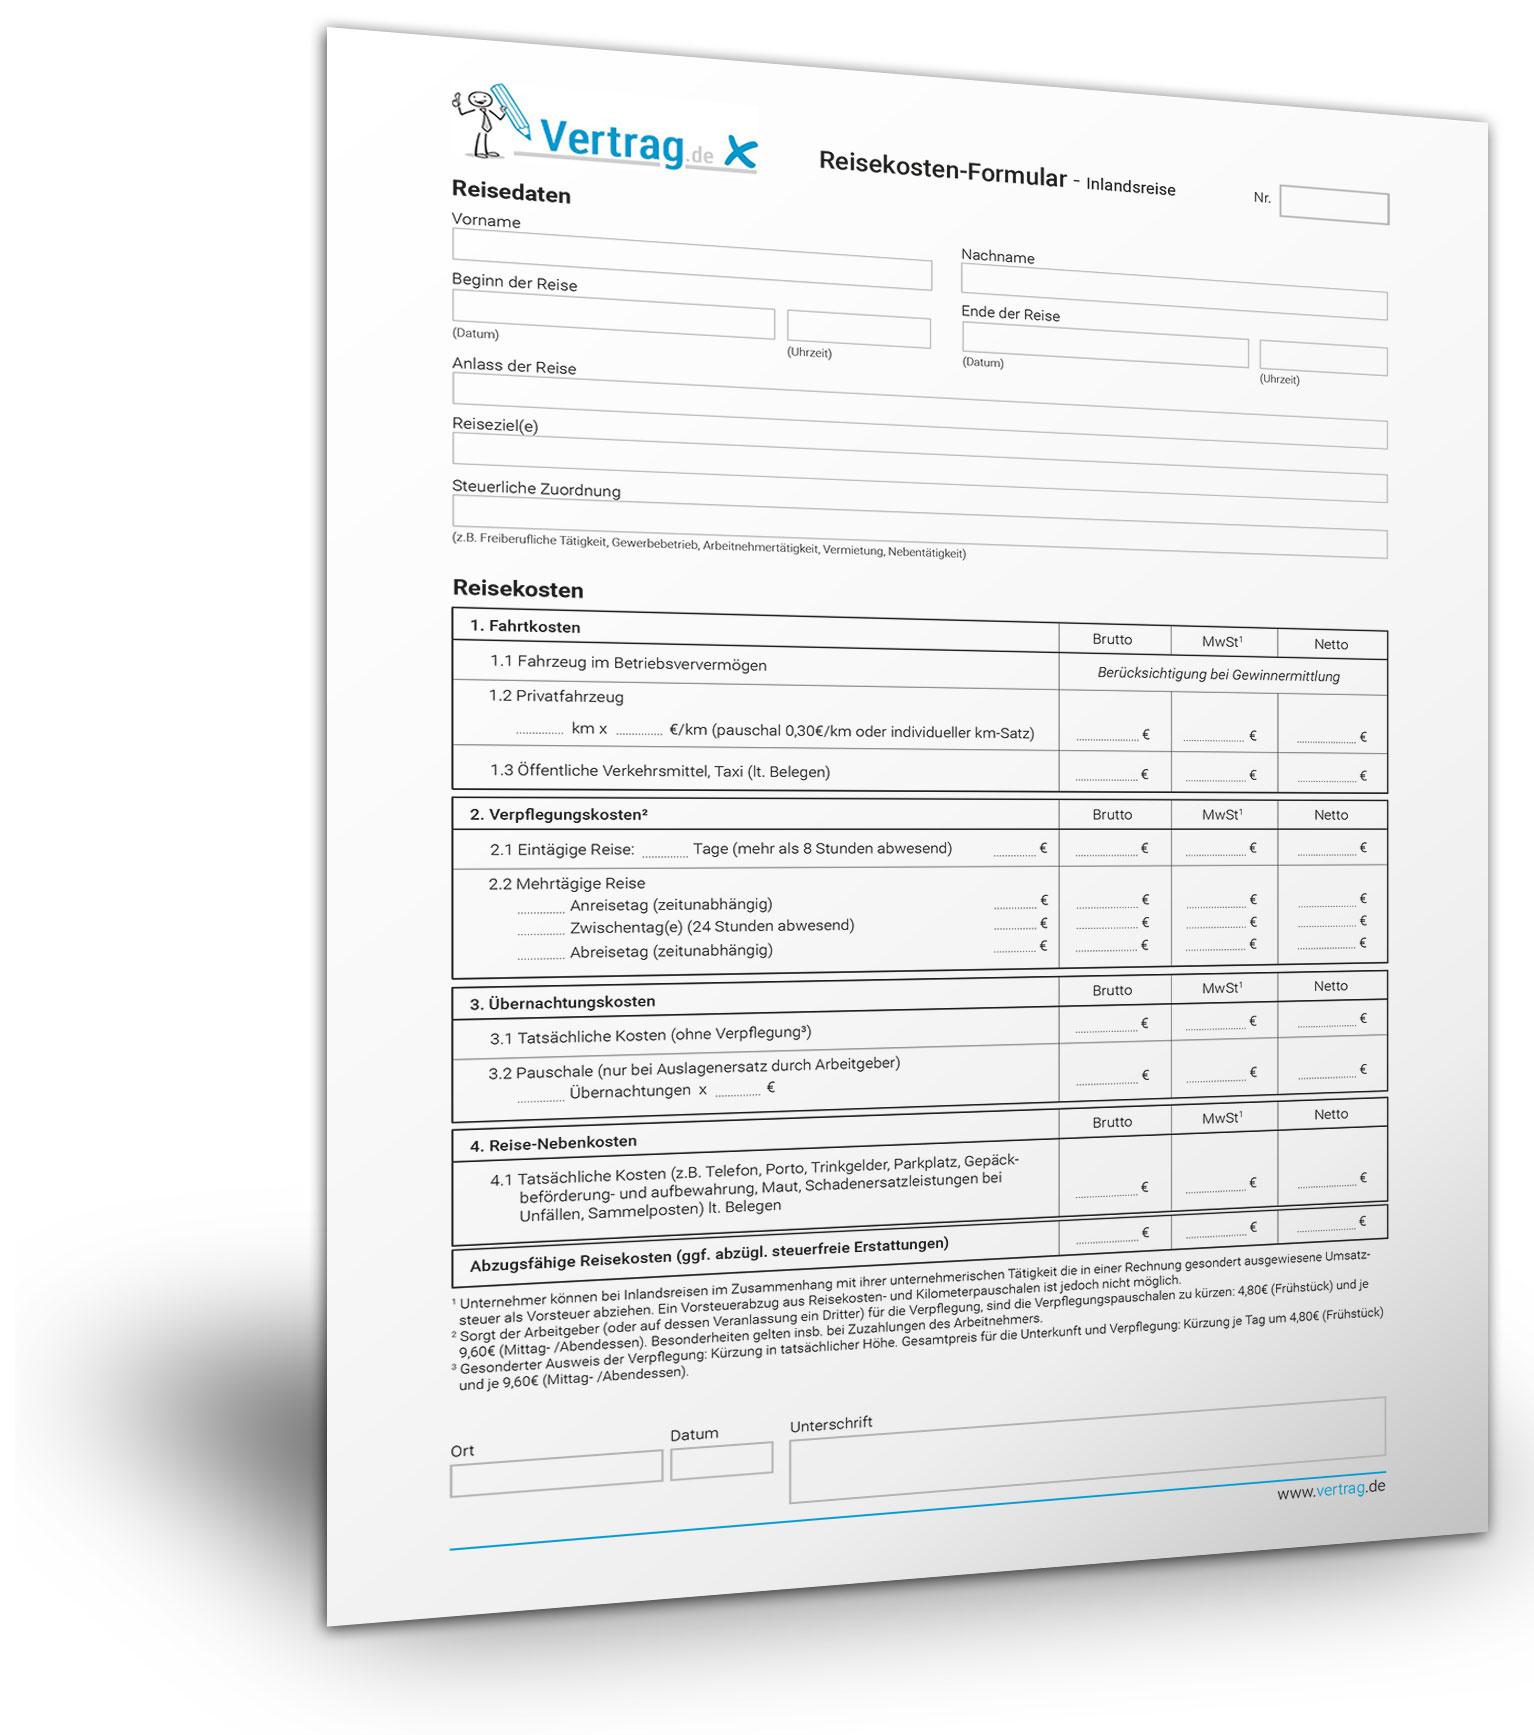 download fr reisekostenformulare fr das inland und ausland - Muster Reisekostenabrechnung